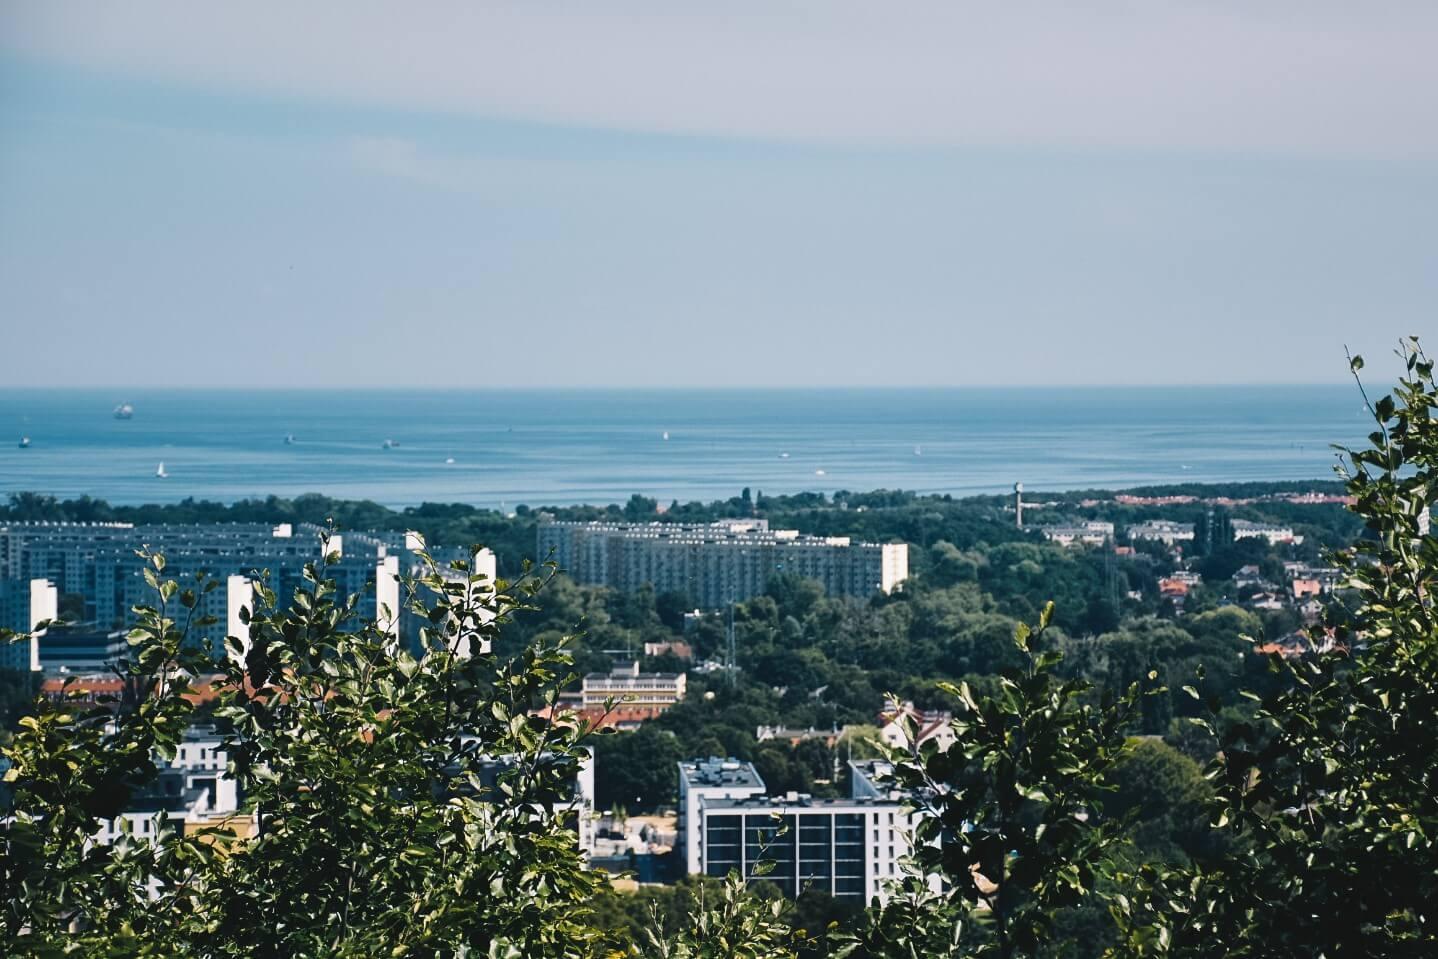 Zatoka Gdańska widziana z wieży widokowej na wzgórzu Pachołek.